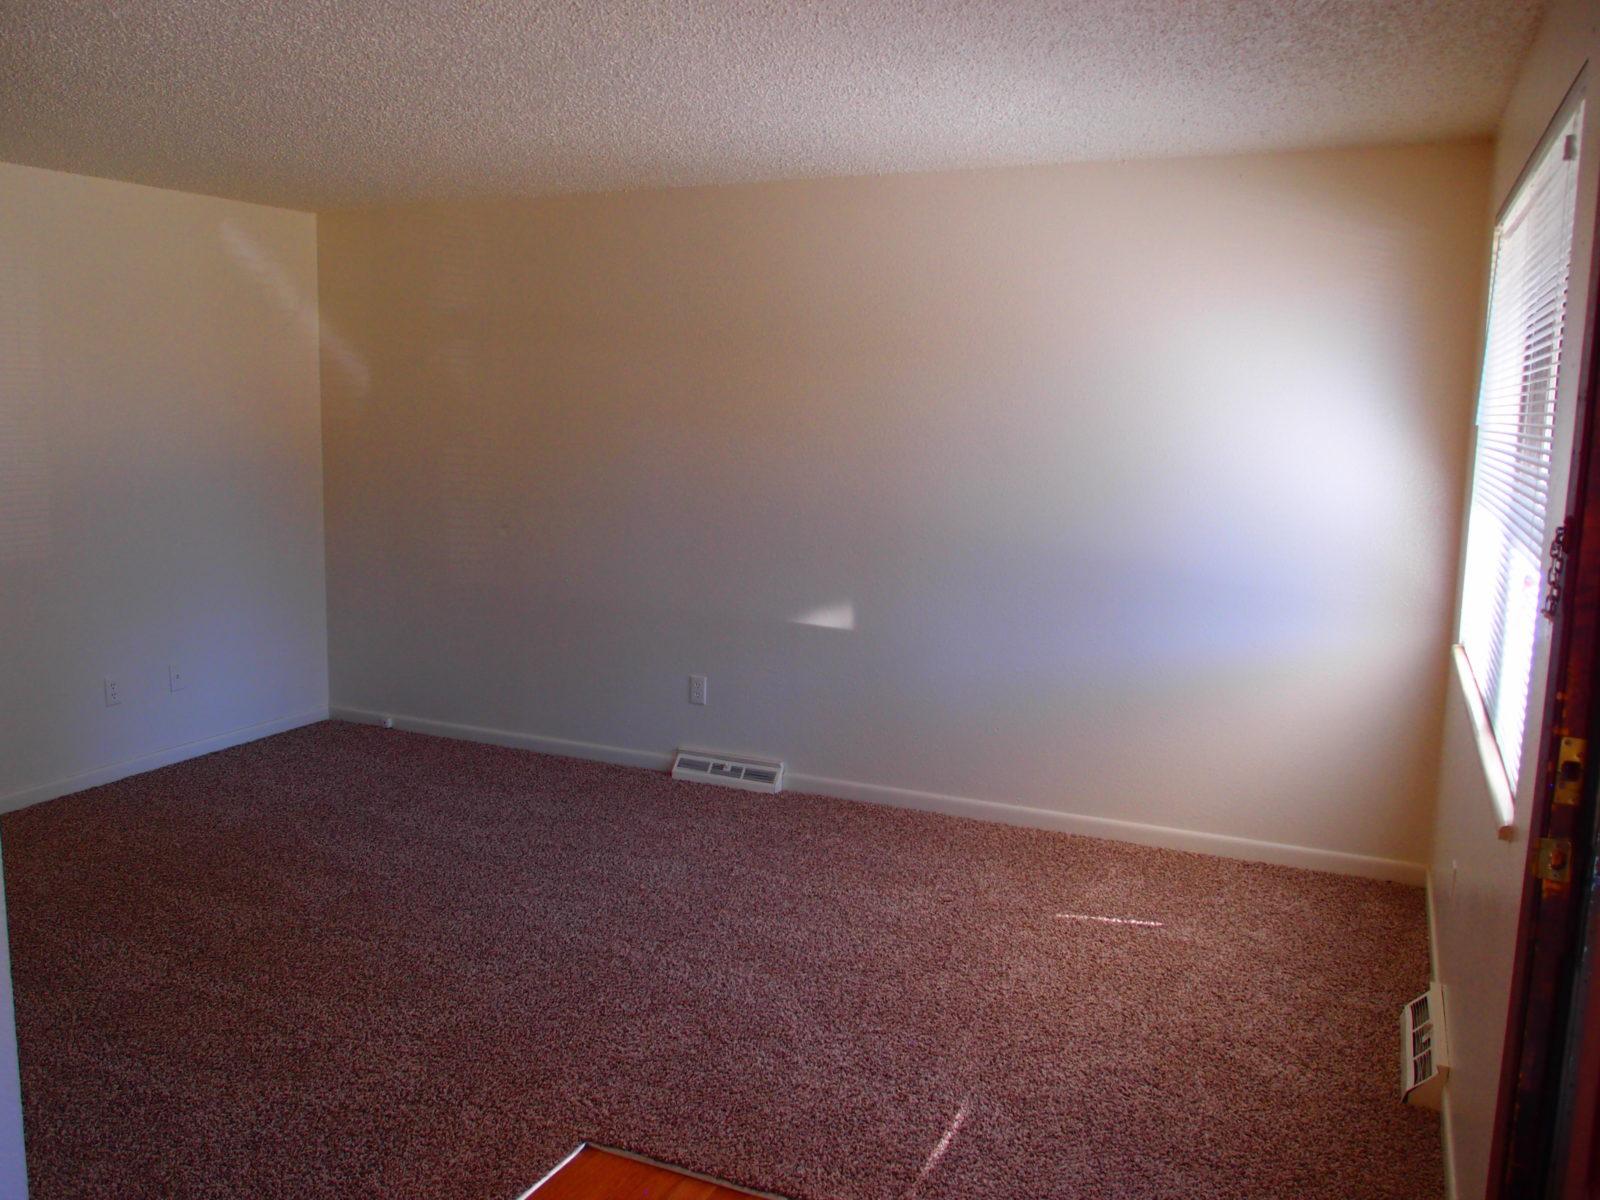 2166 Dexter: Living Room